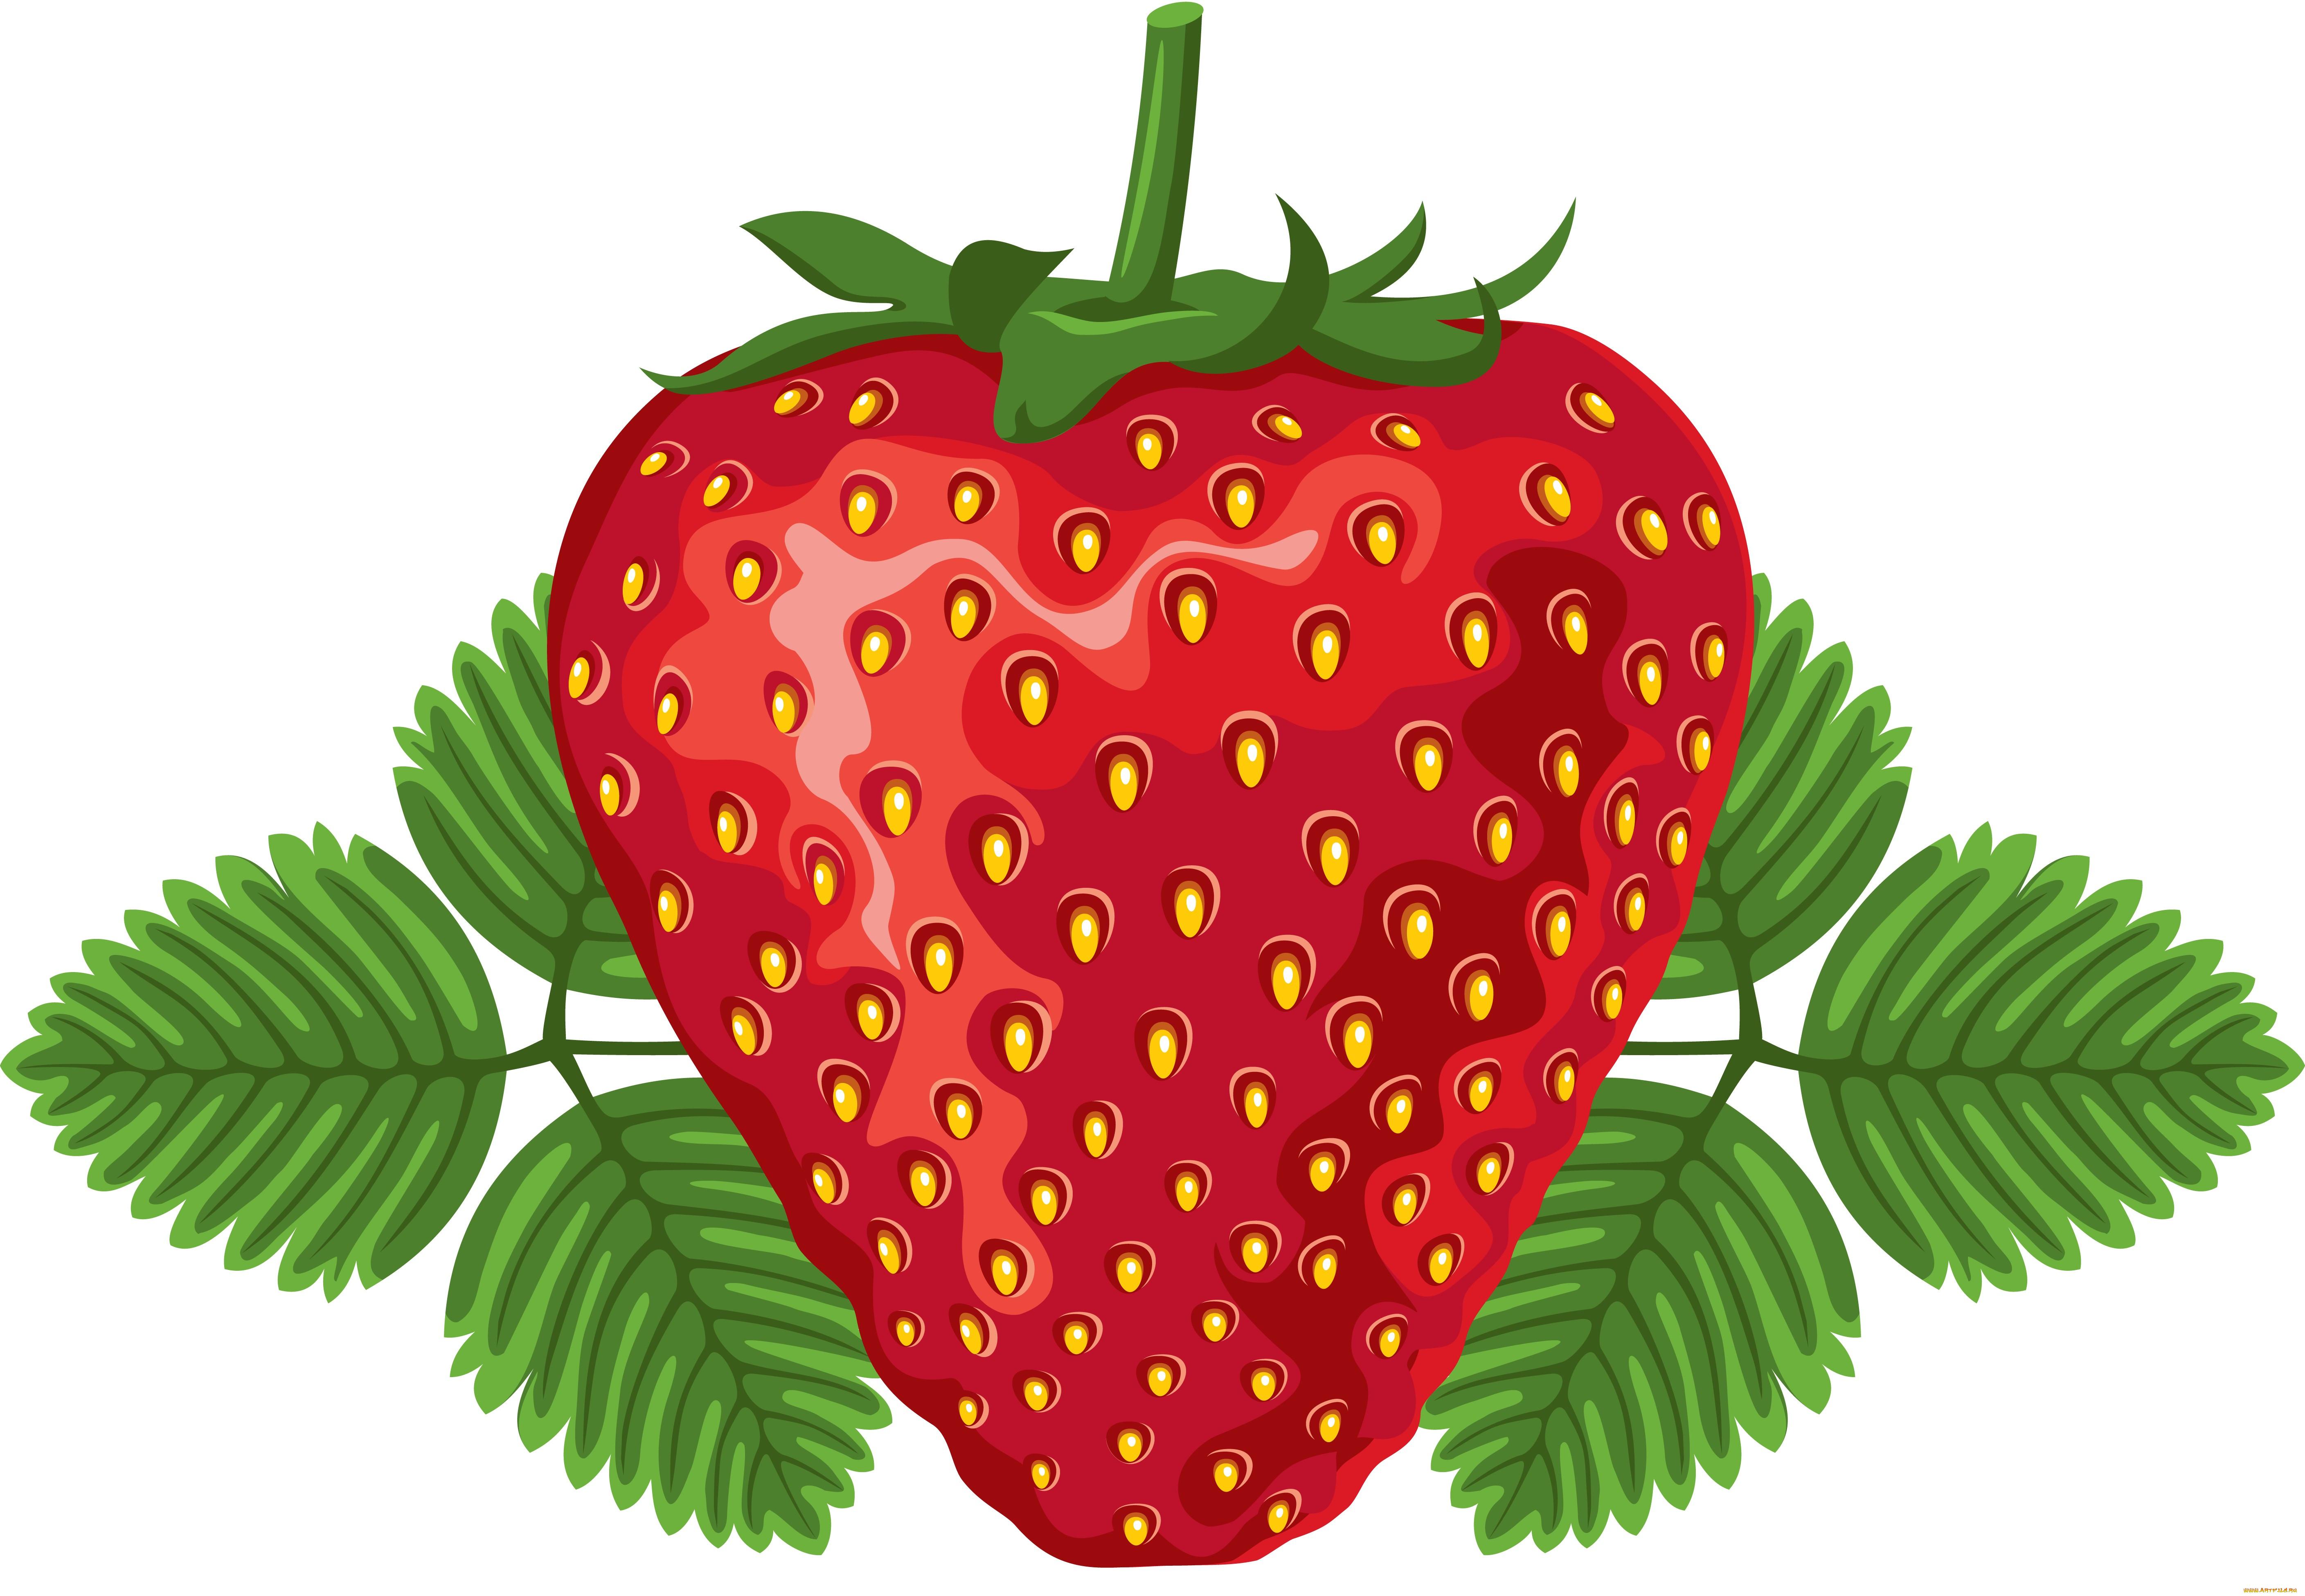 рисунки с ягодами территории